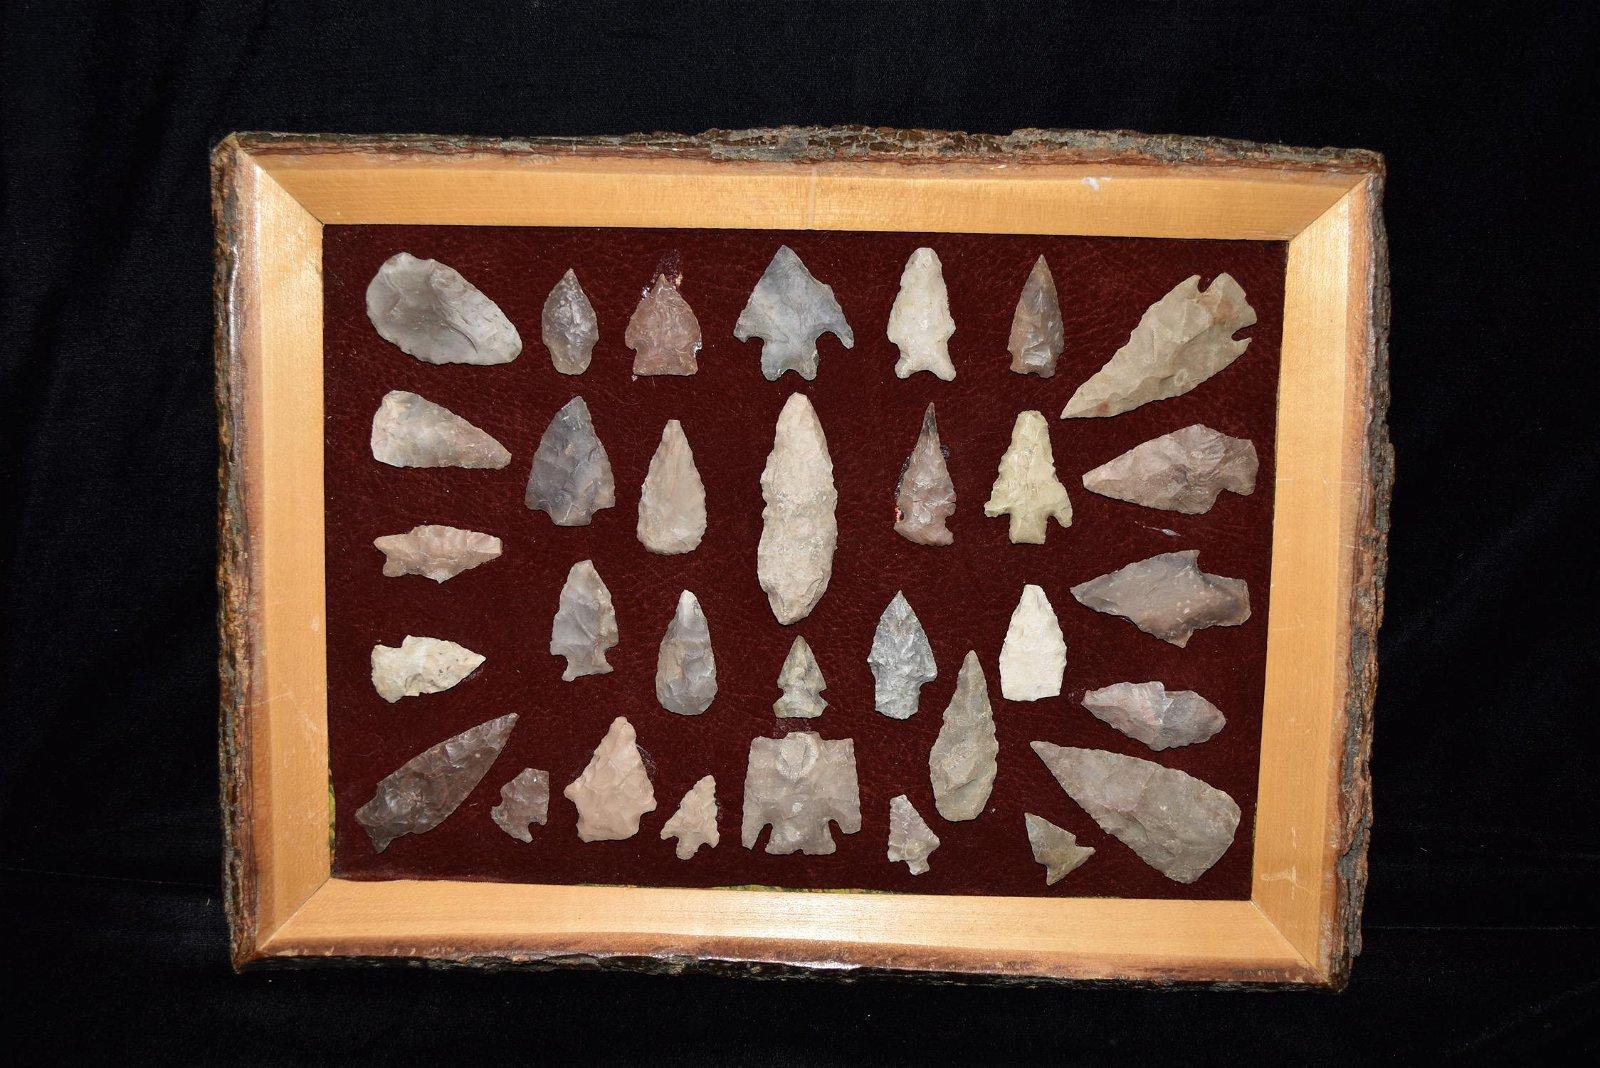 Frame of Texas Arrowheads, Donny Austin Collection